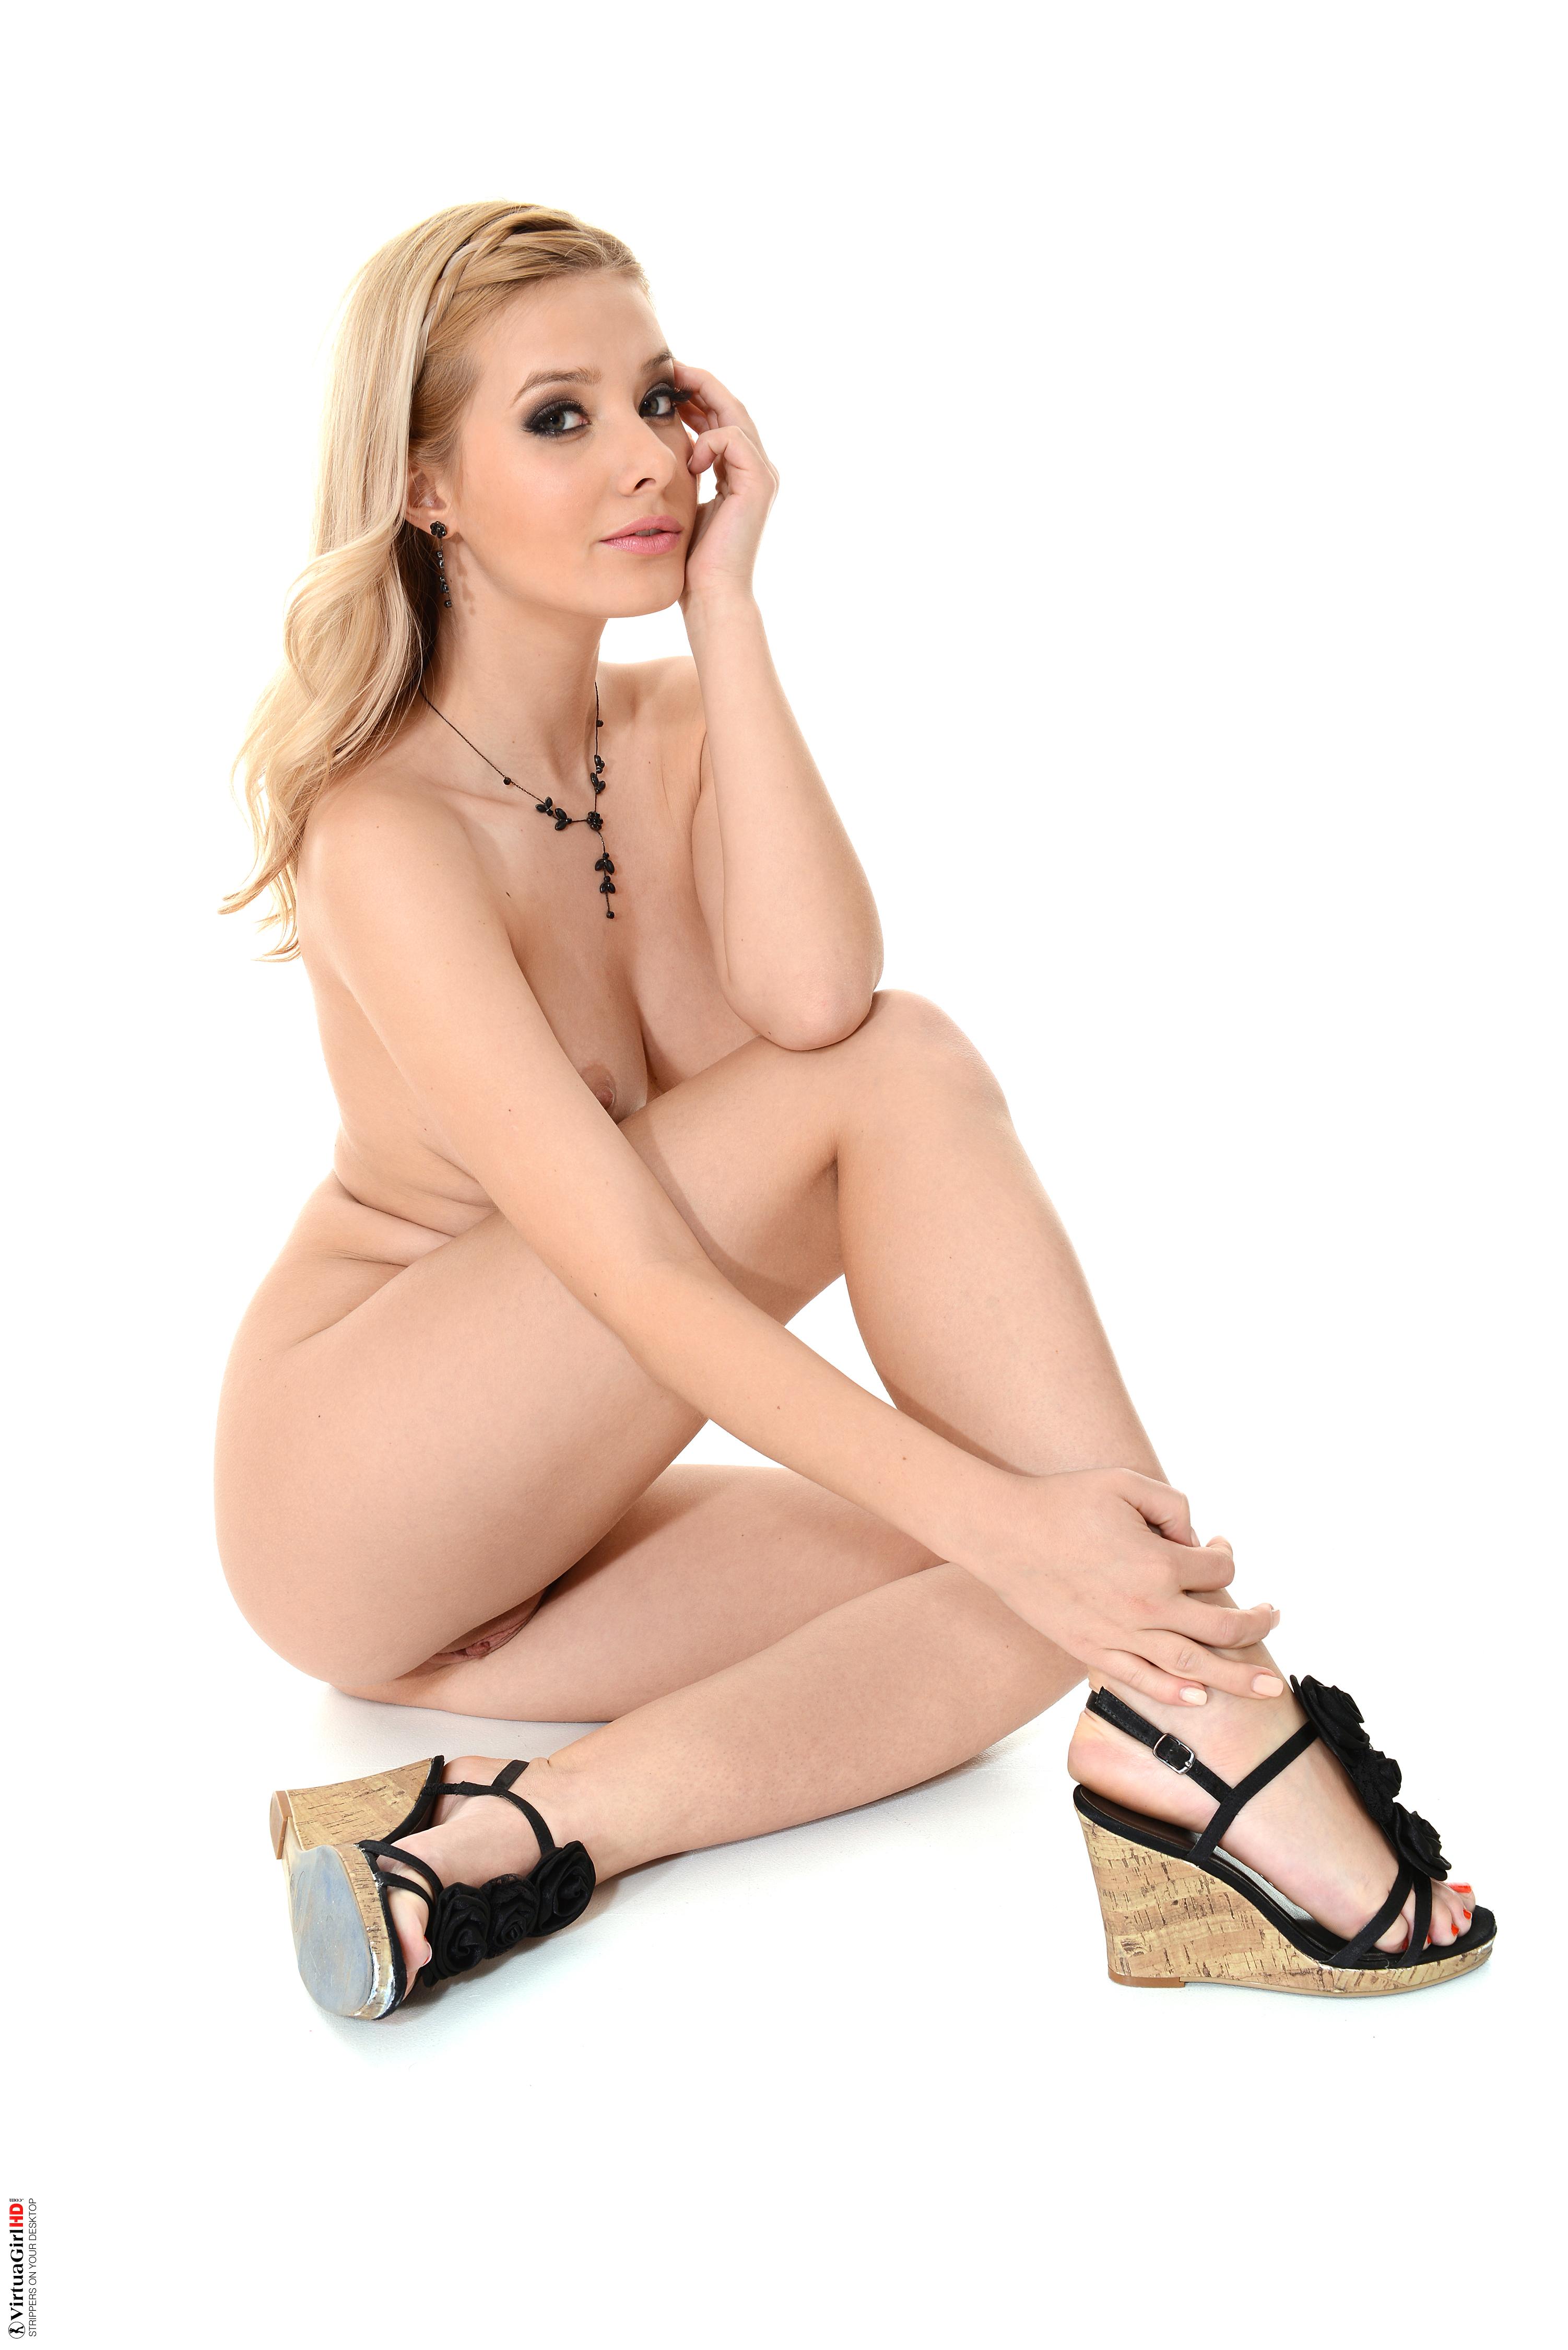 best nude wallpapers